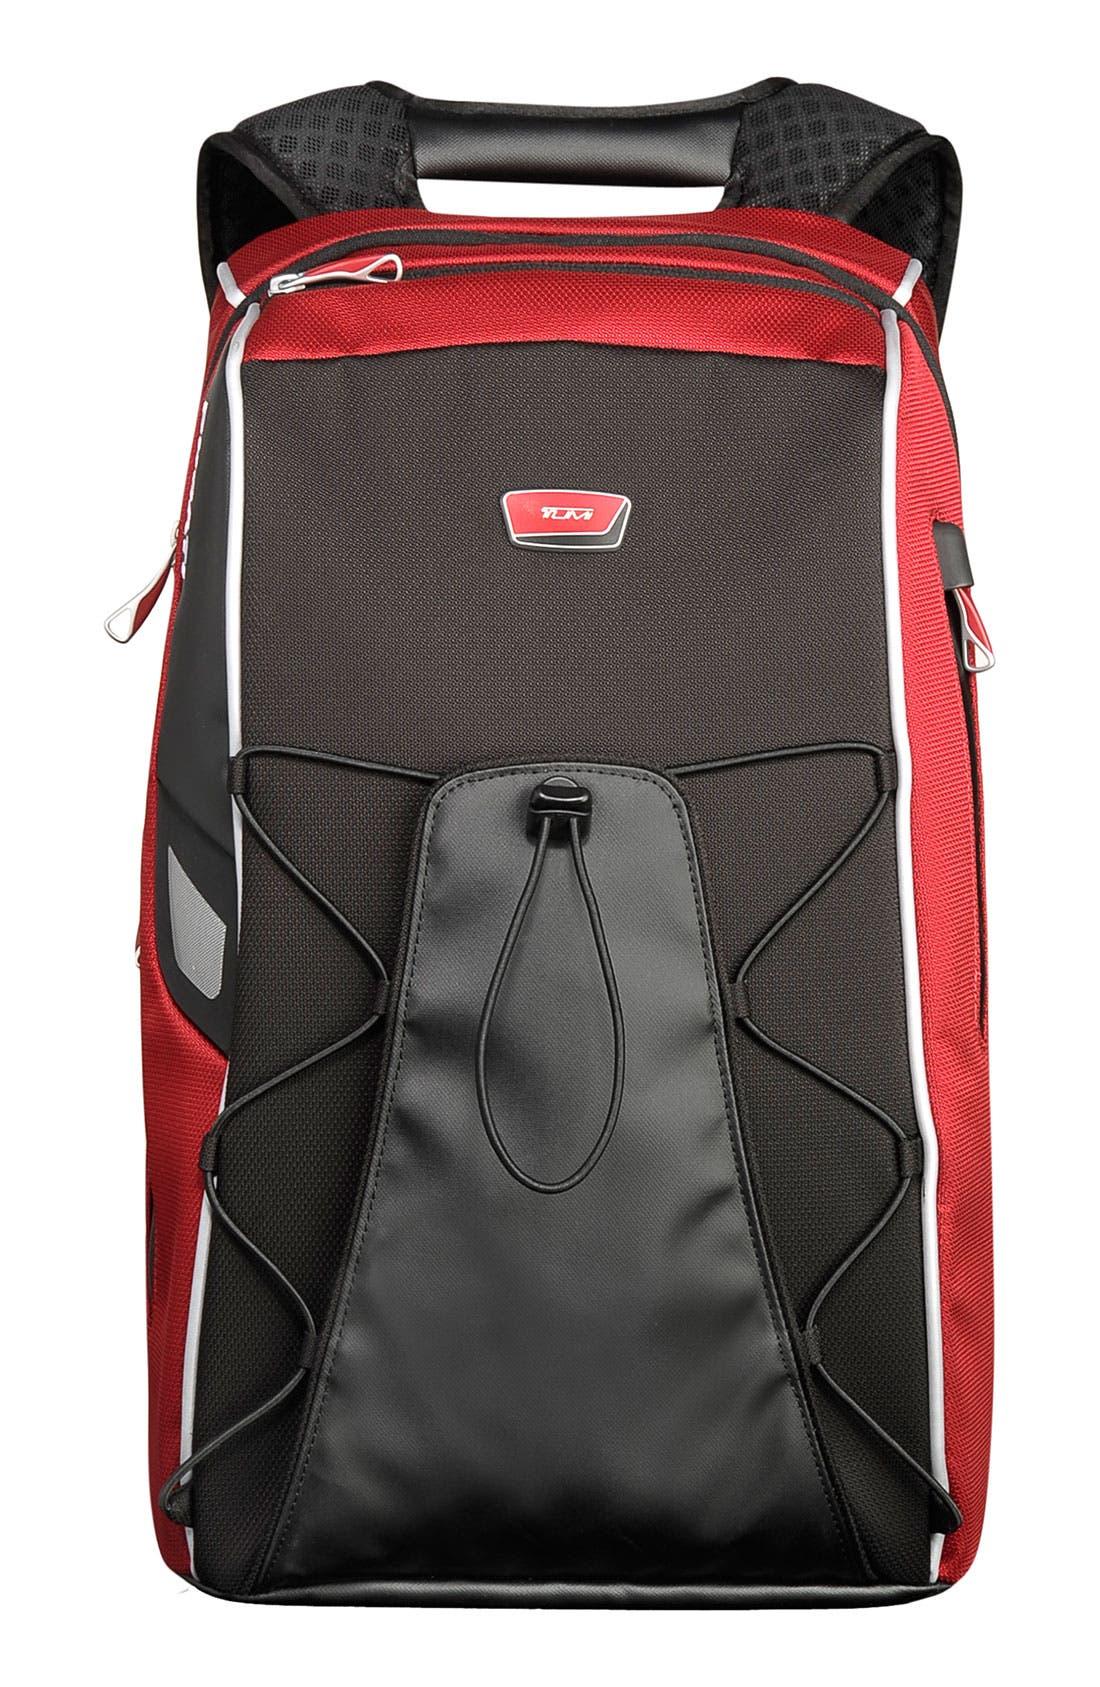 Main Image - Tumi 'Ducati Tank - Medium' Backpack